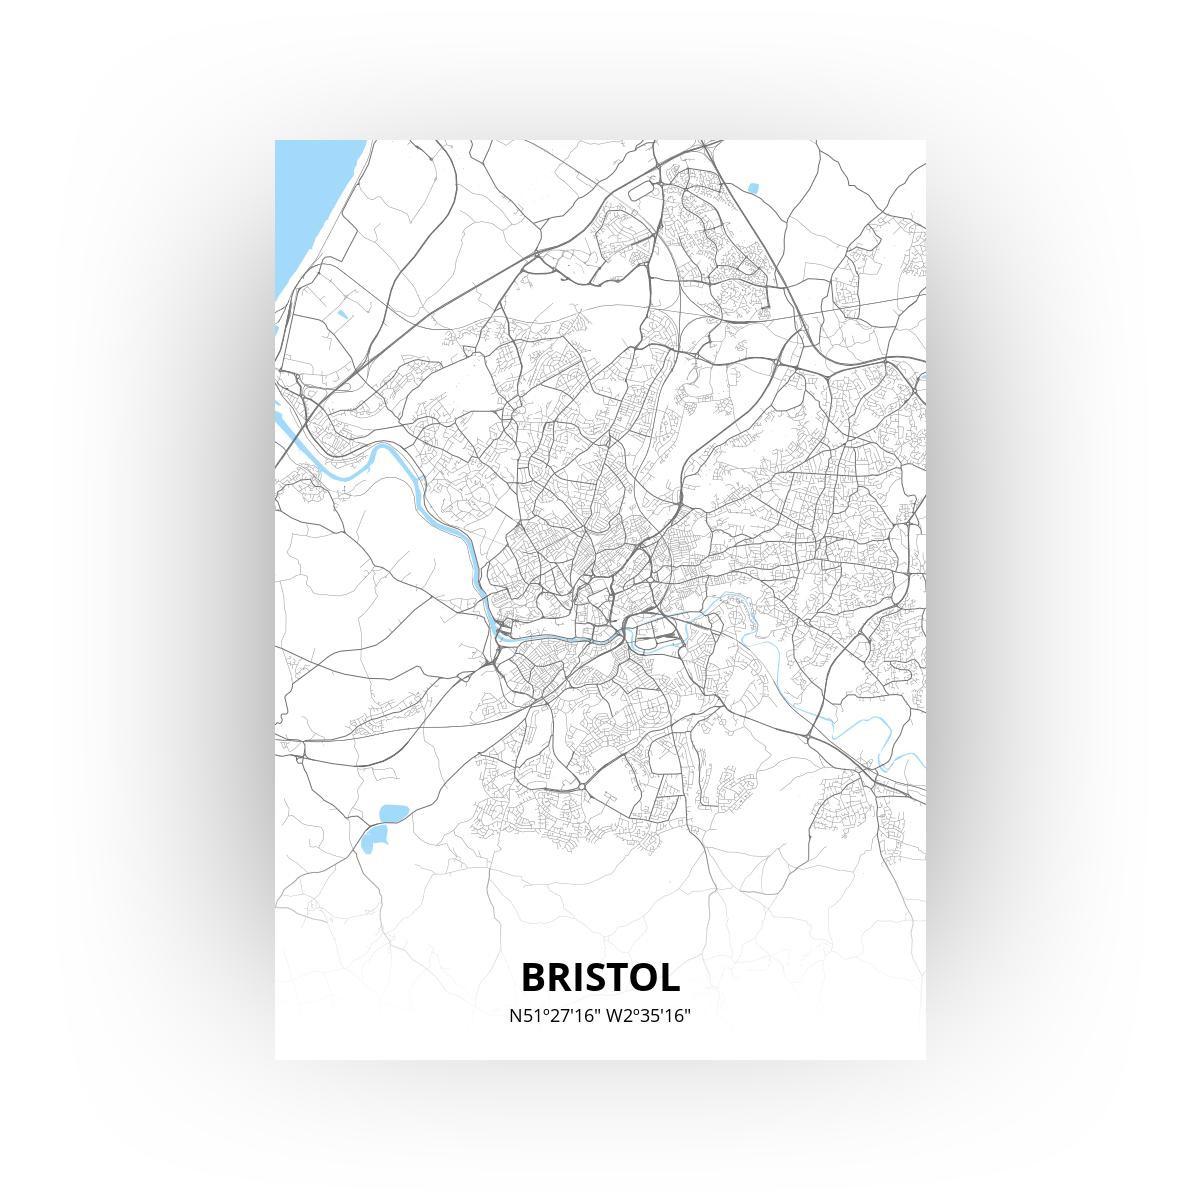 Bristol poster - Zelf aan te passen!